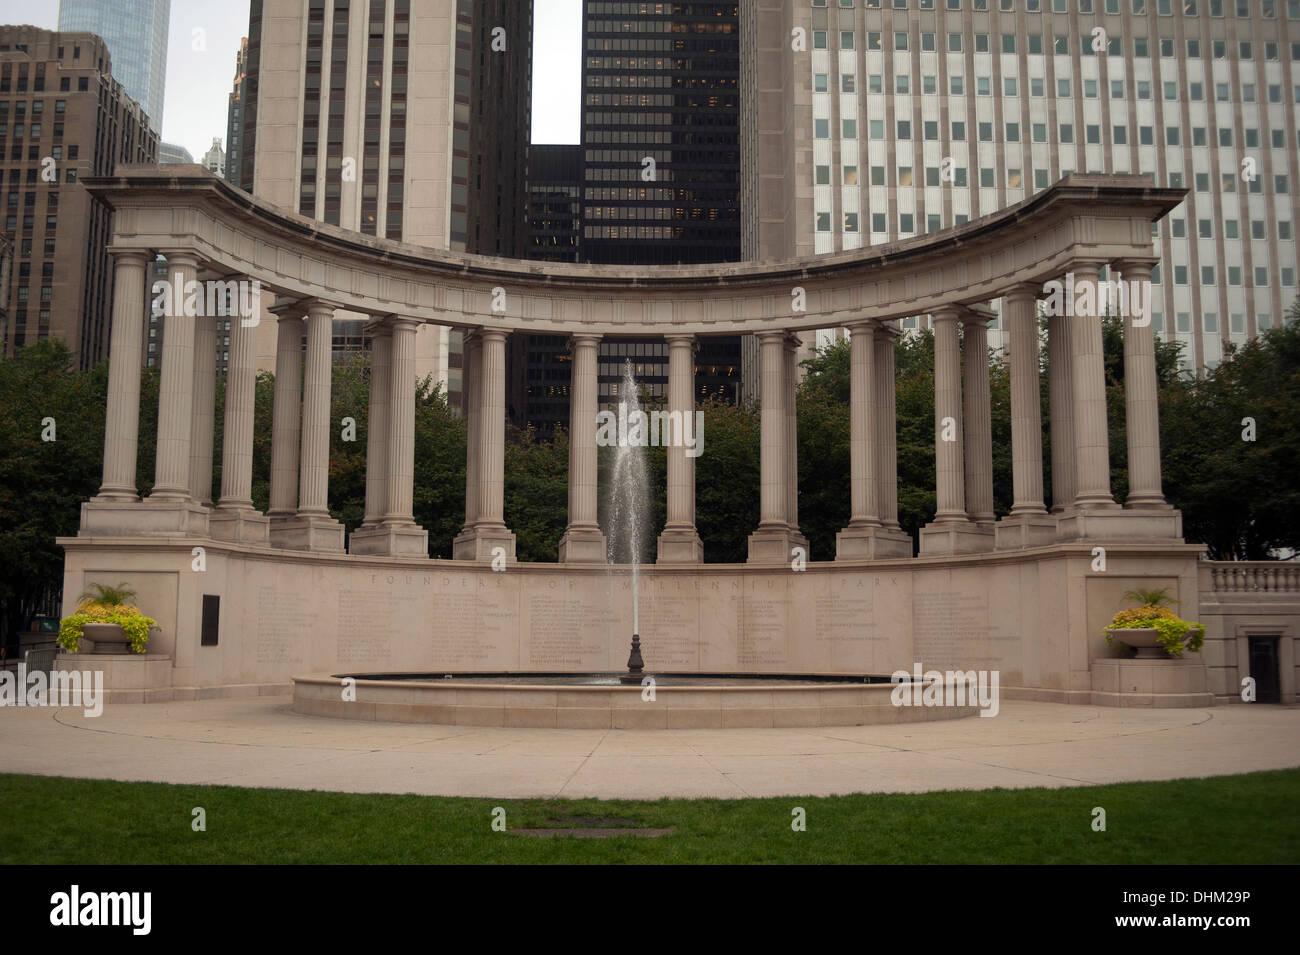 Monument du millénaire, le Millennium Park, Chicago, Illinois, États-Unis Photo Stock